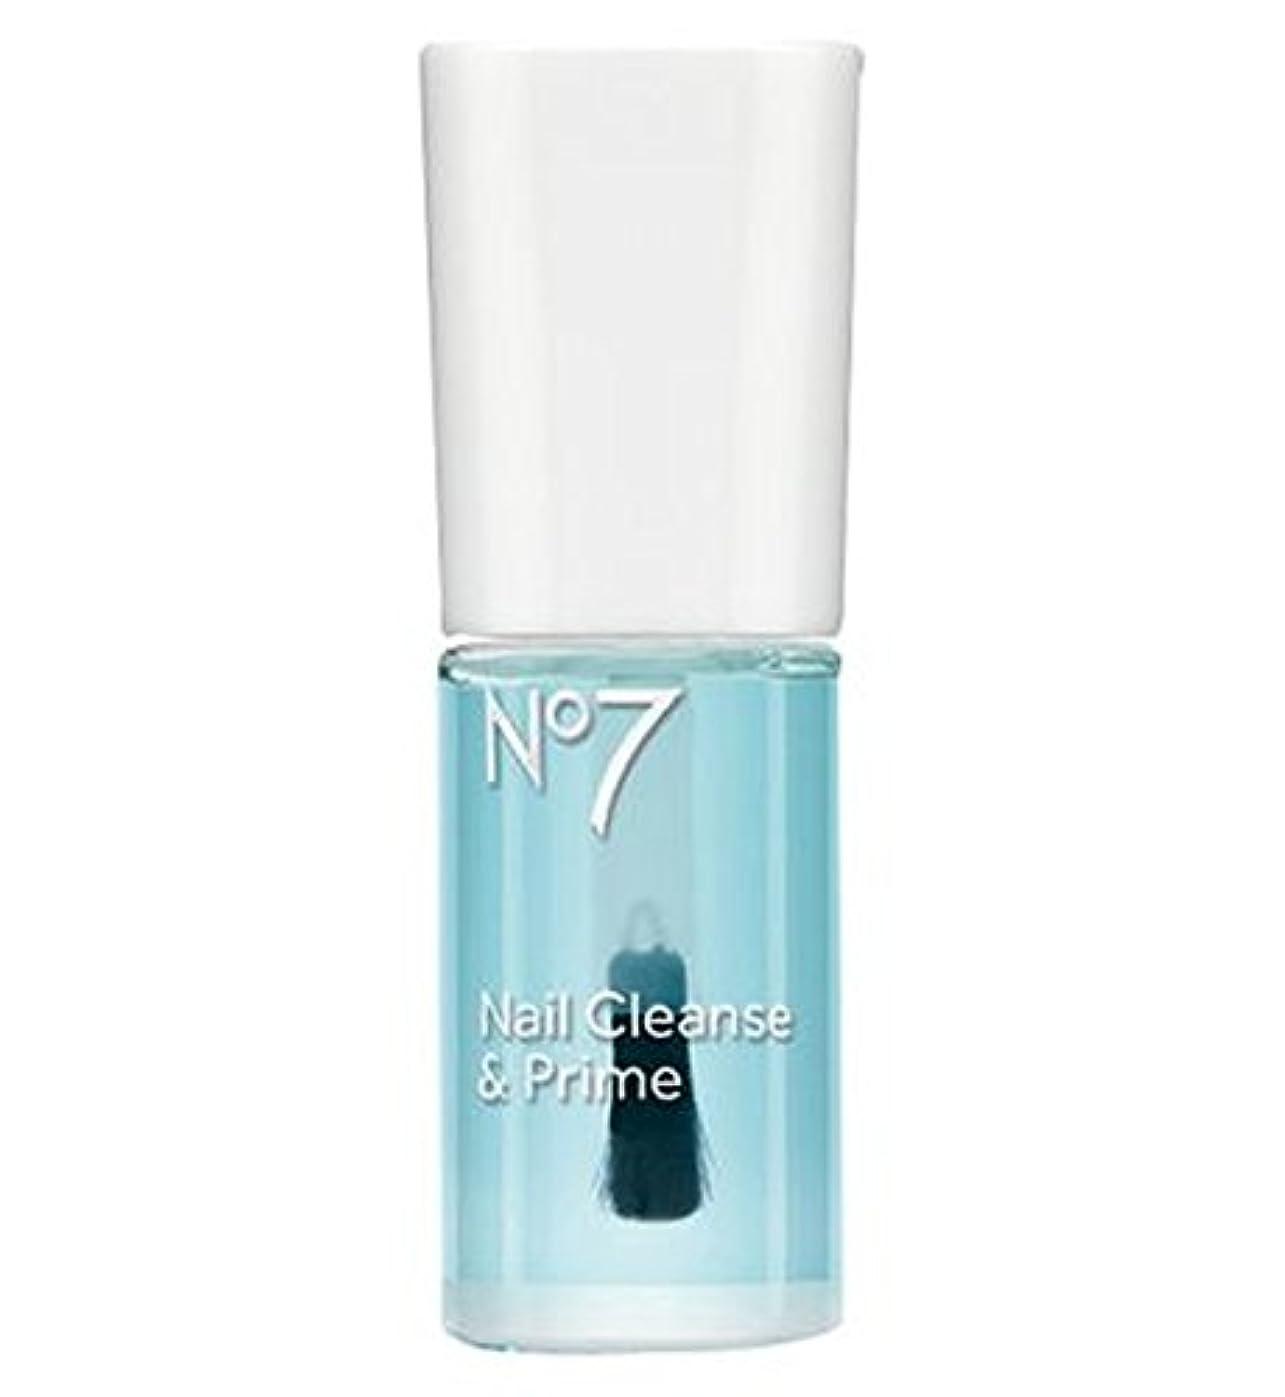 いっぱいくぼみサンダー[No7] No7の爪の浄化とプライム10ミリリットル - No7 Nail Cleanse And Prime 10ml [並行輸入品]